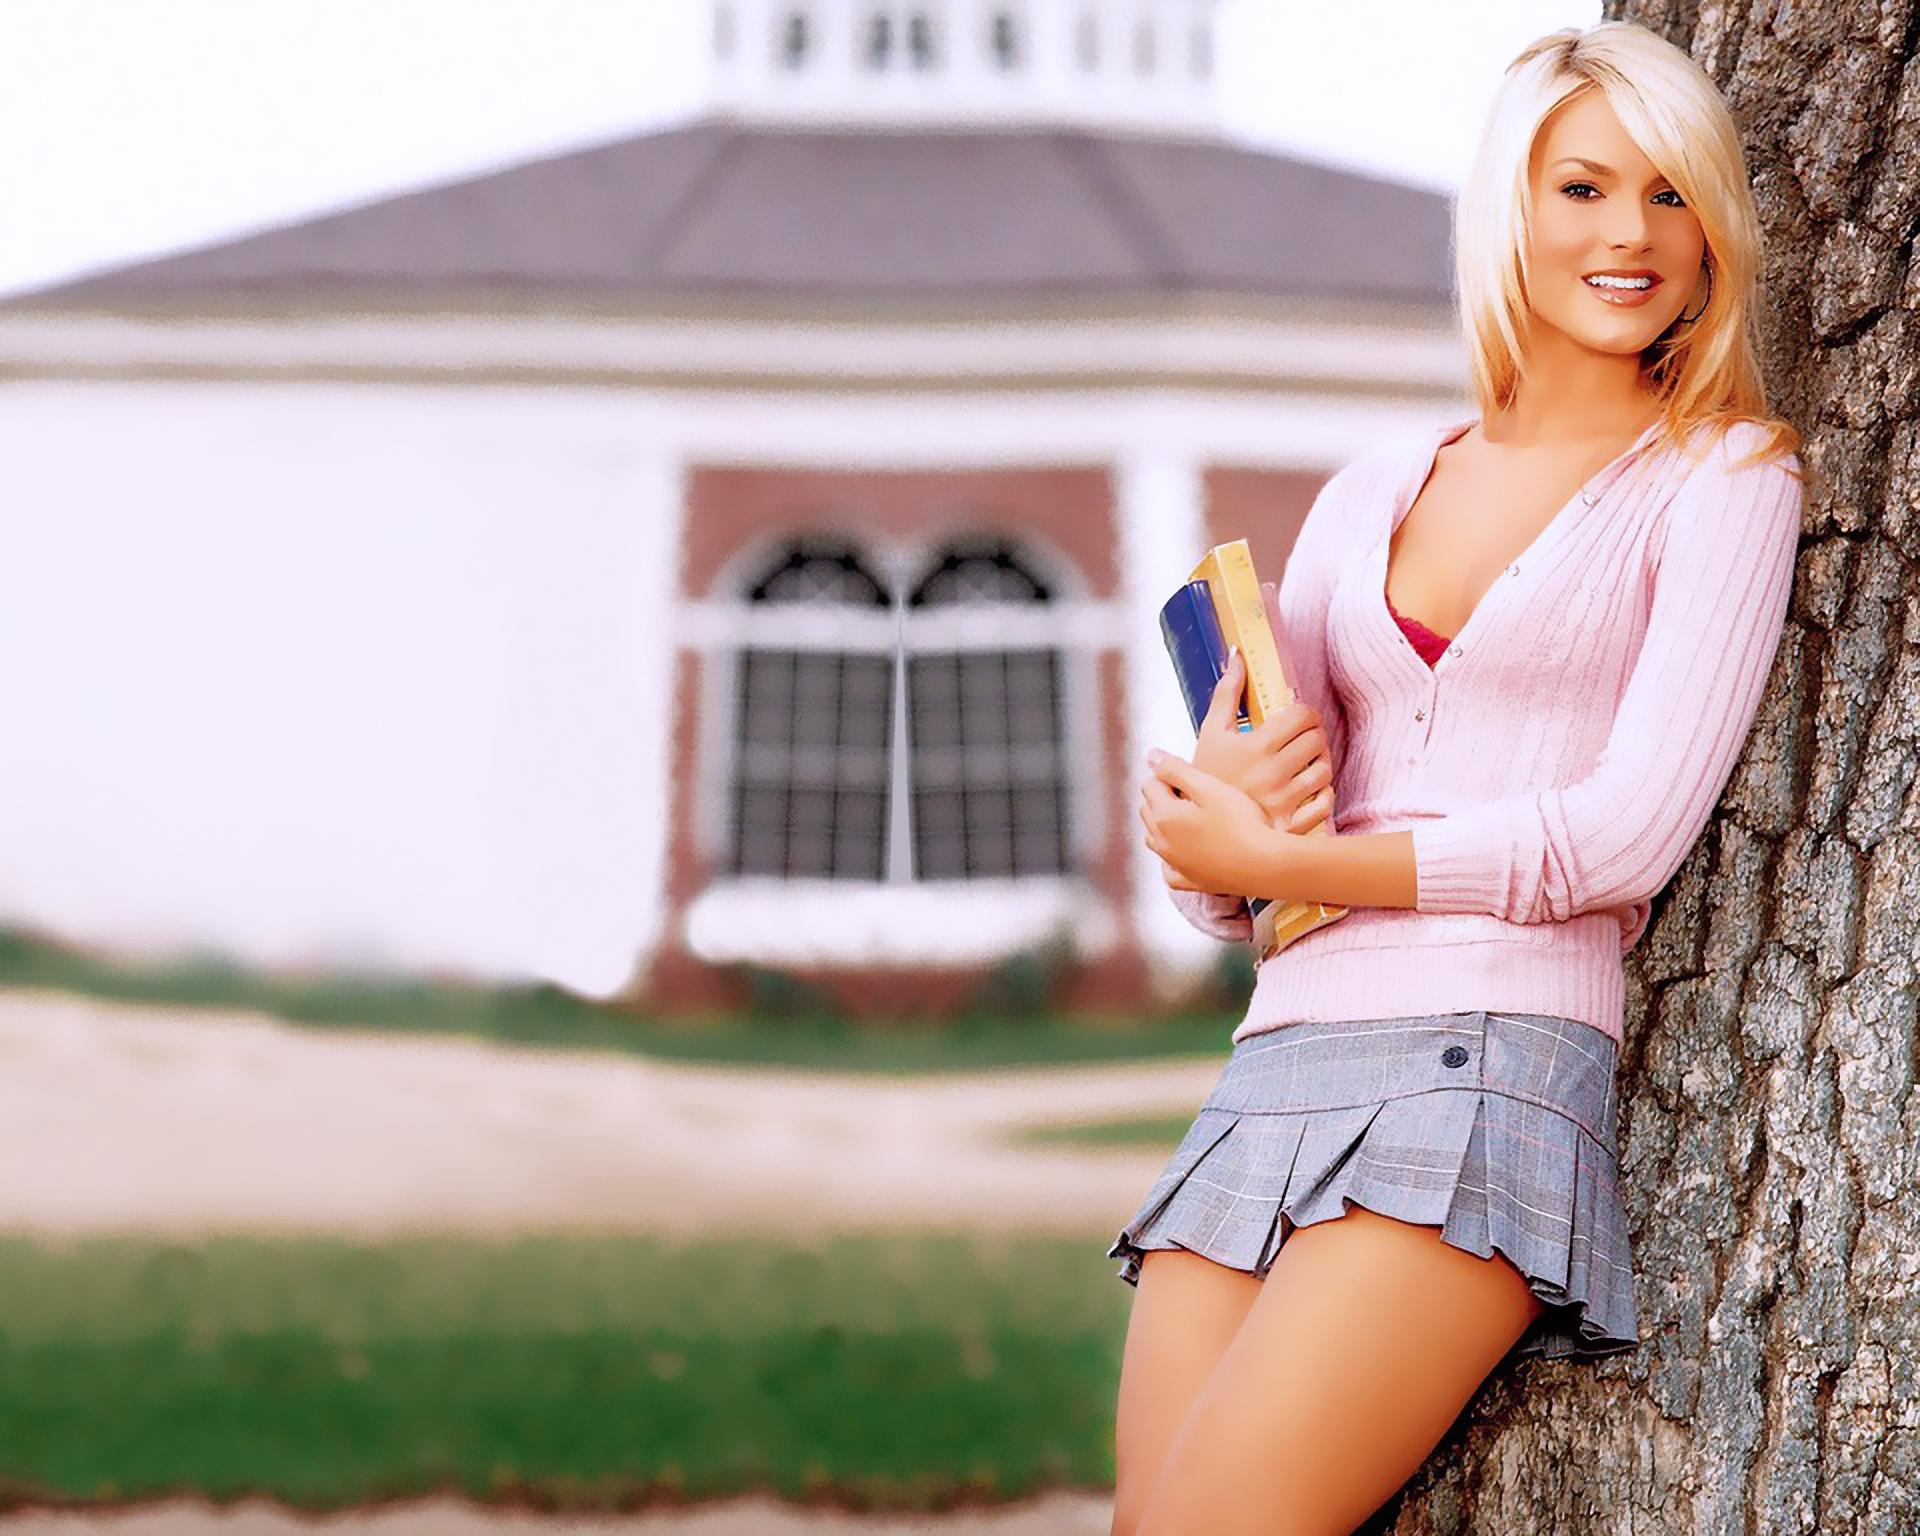 girls-in-short-skirts